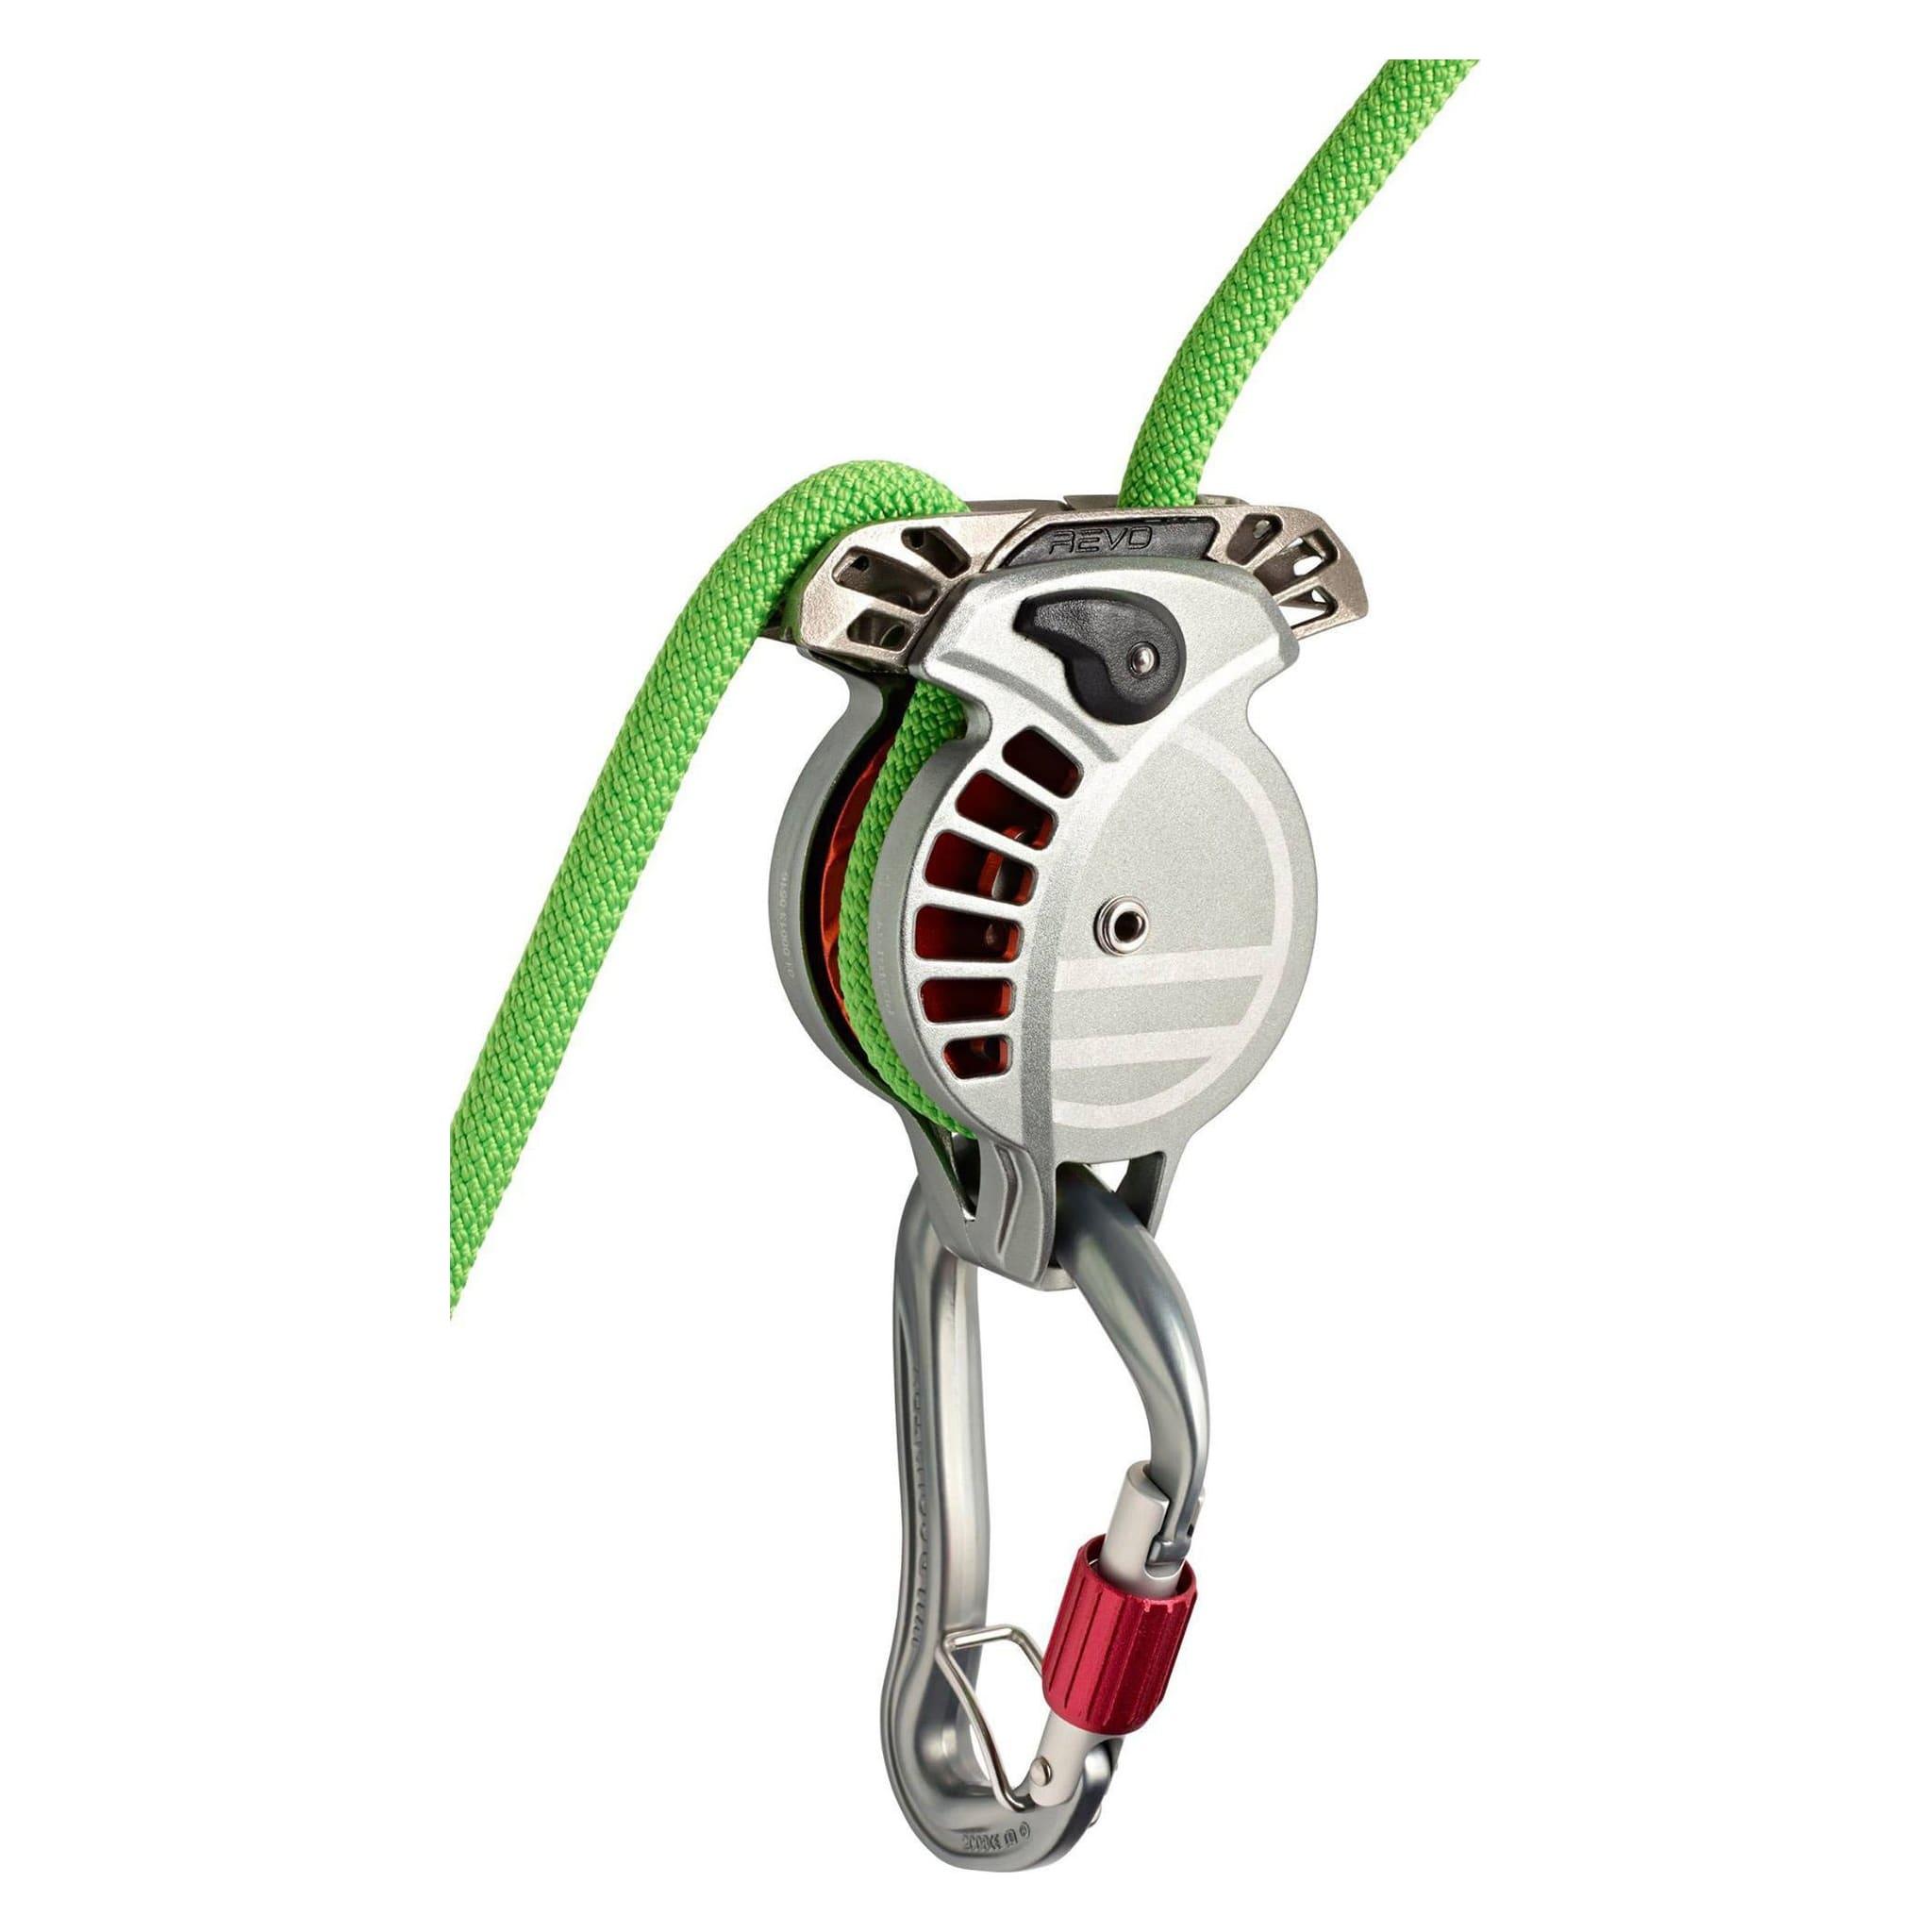 Innovativ mekanisk taubrems som er enkel i bruk og like godt egnet for erfarne som nybegynnere